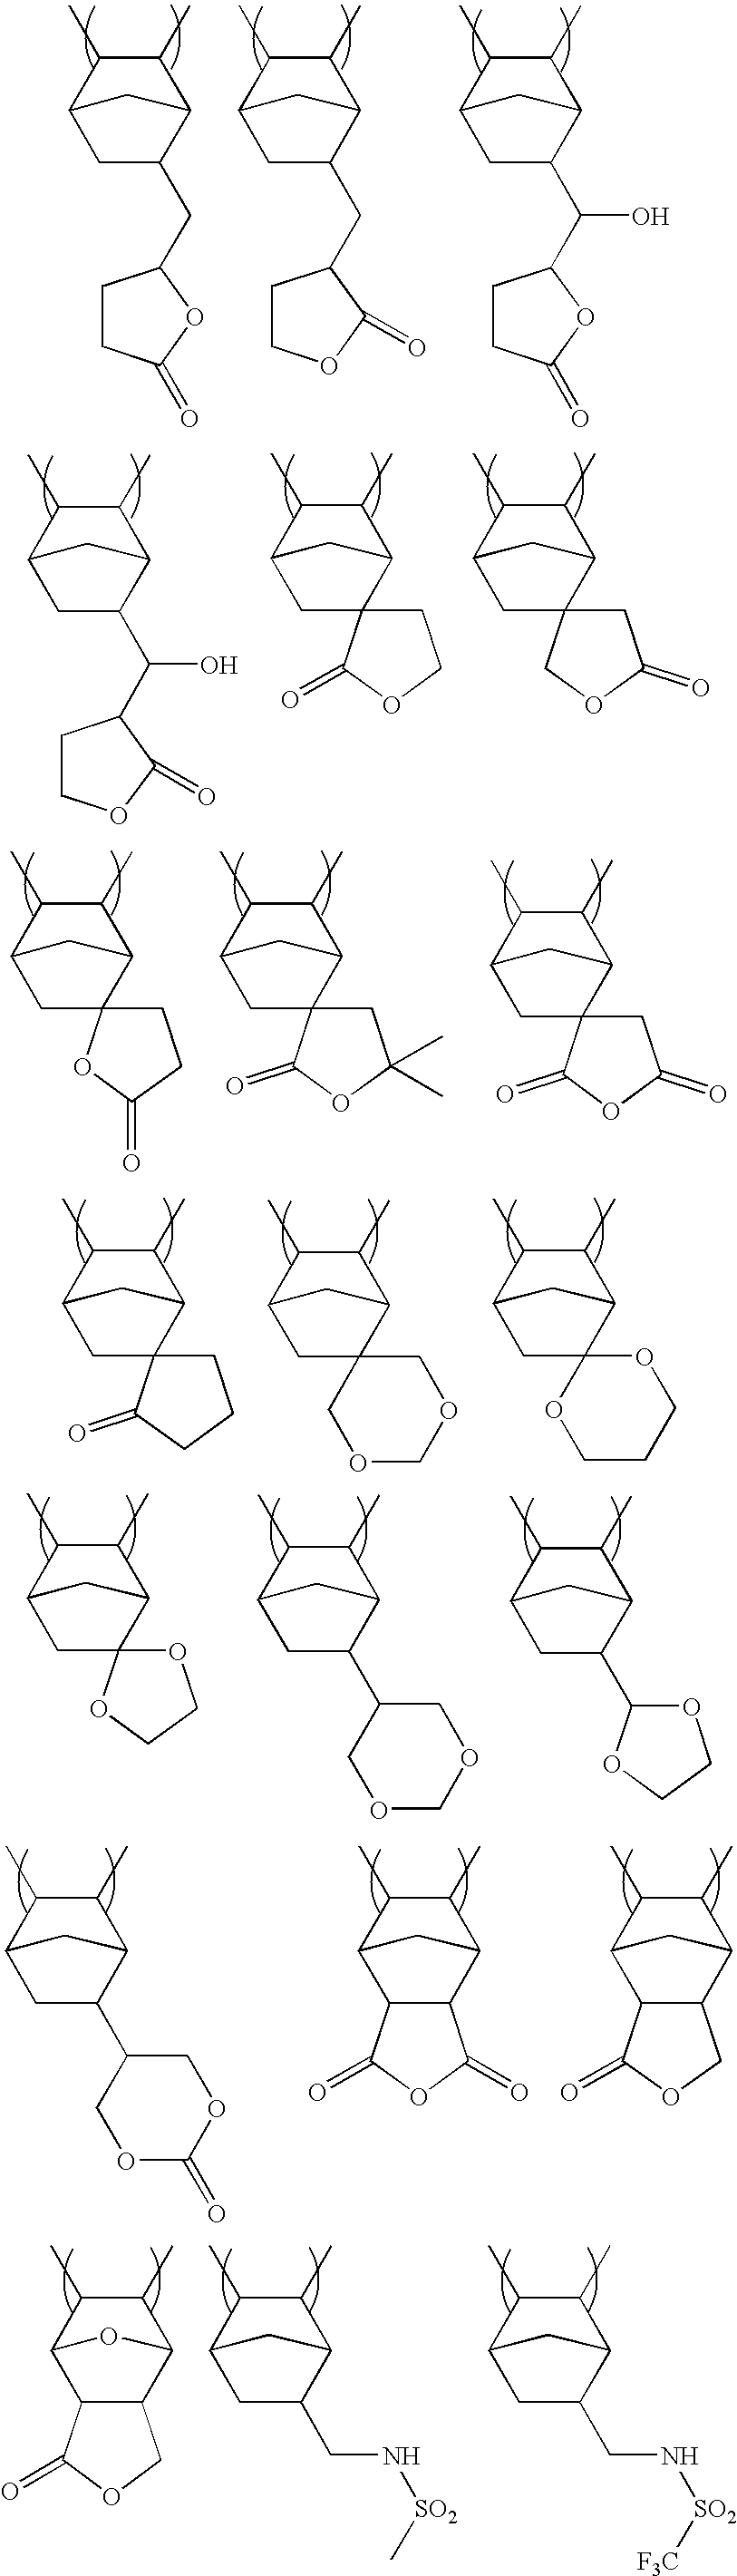 Figure US07666967-20100223-C00021